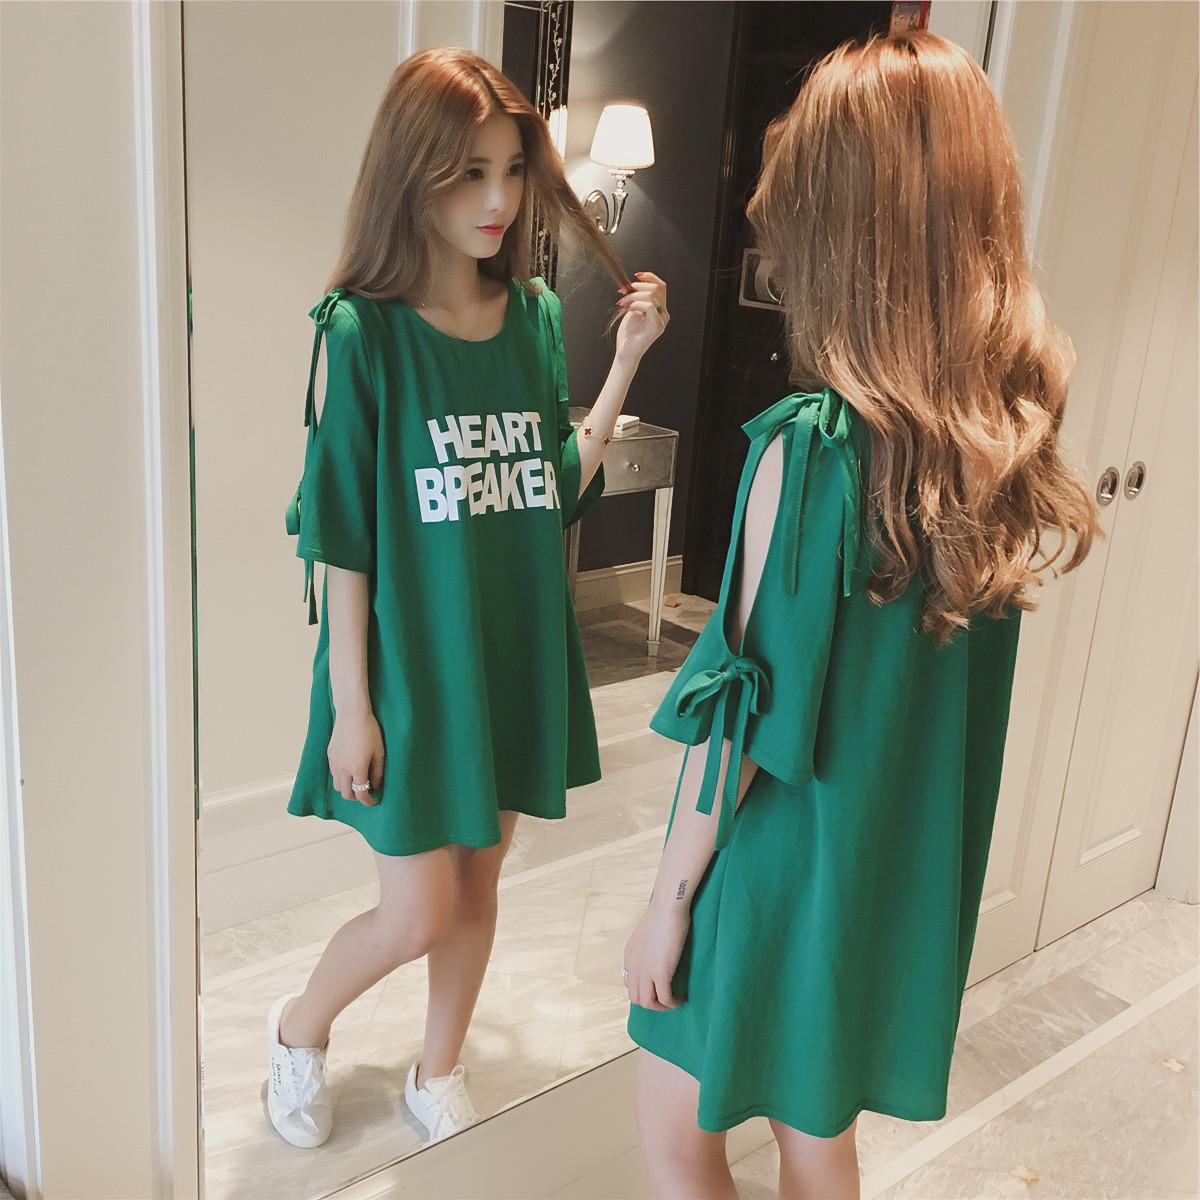 2018夏季露肩长款T恤连衣裙 胖mm欧美大码女装一件代发连衣裙k384